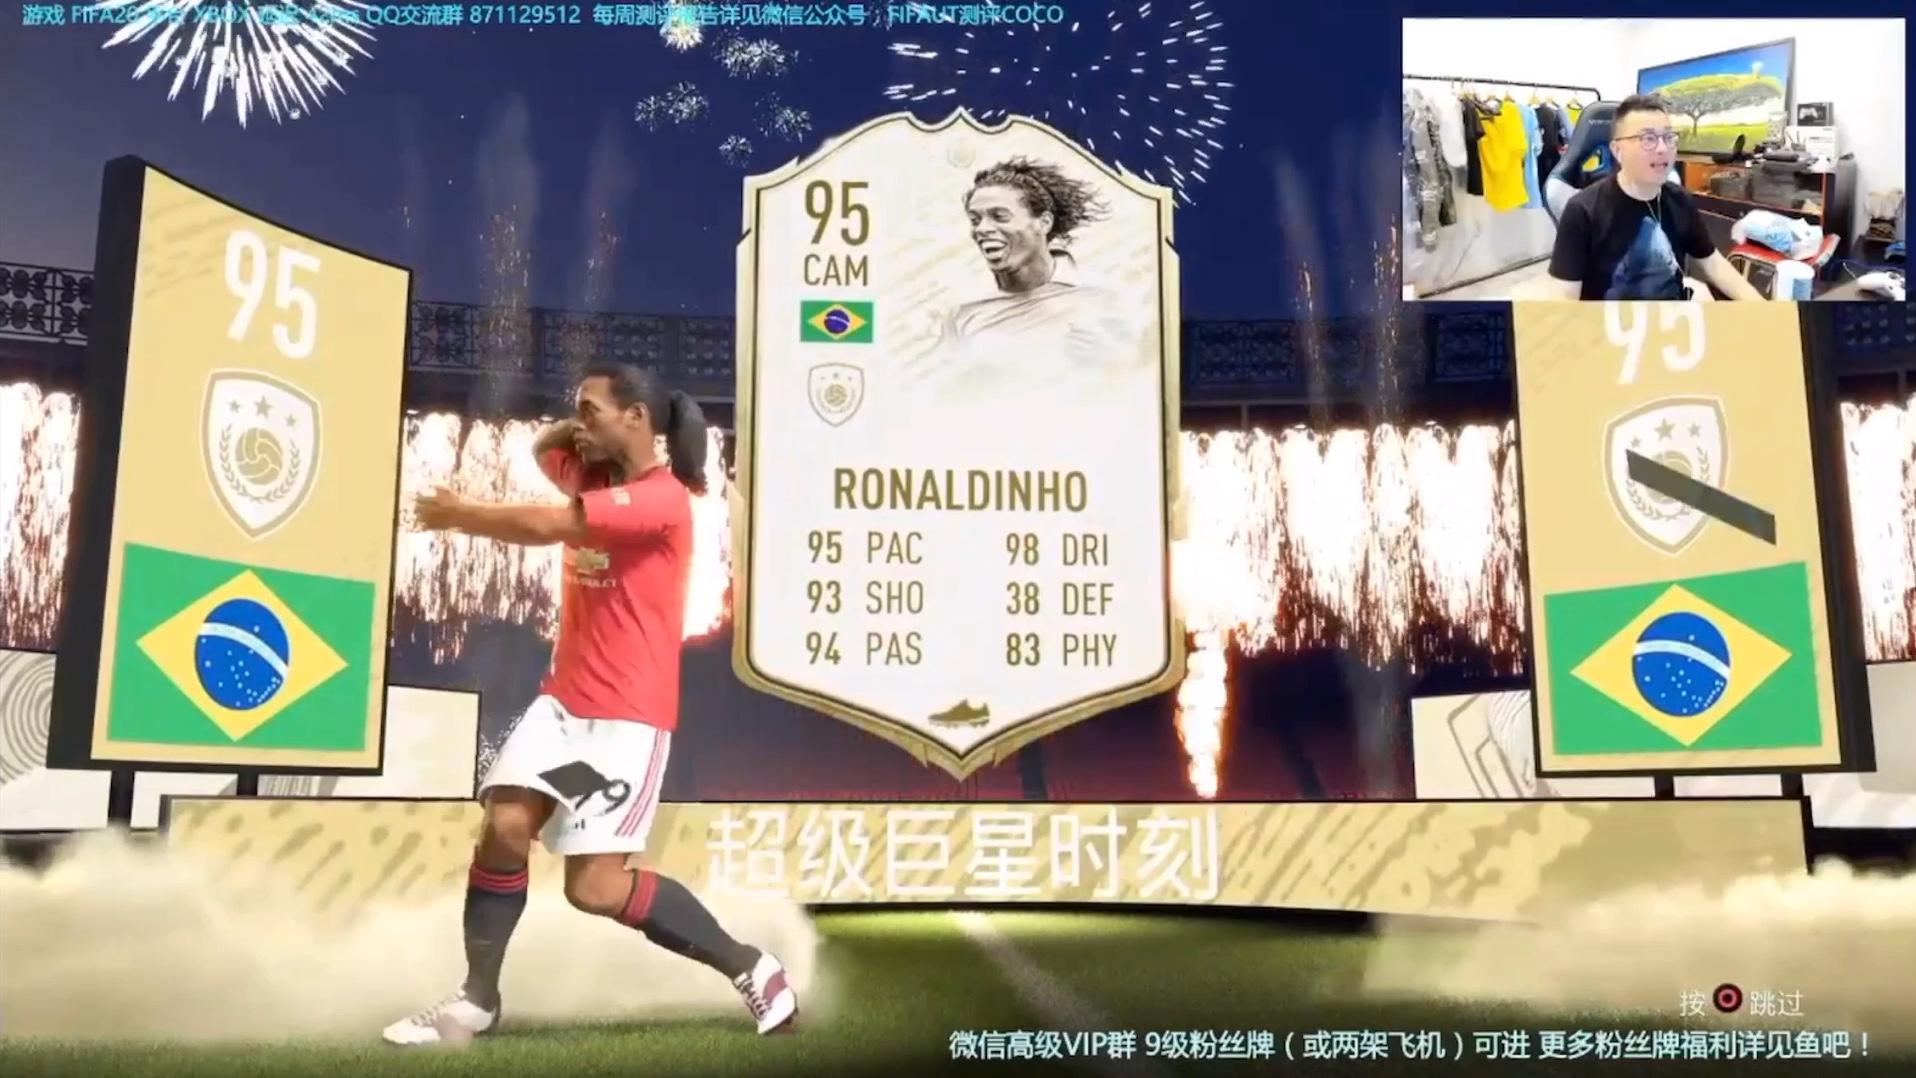 FIFA20 开包 至尊小罗 国内最强开包主播实锤!